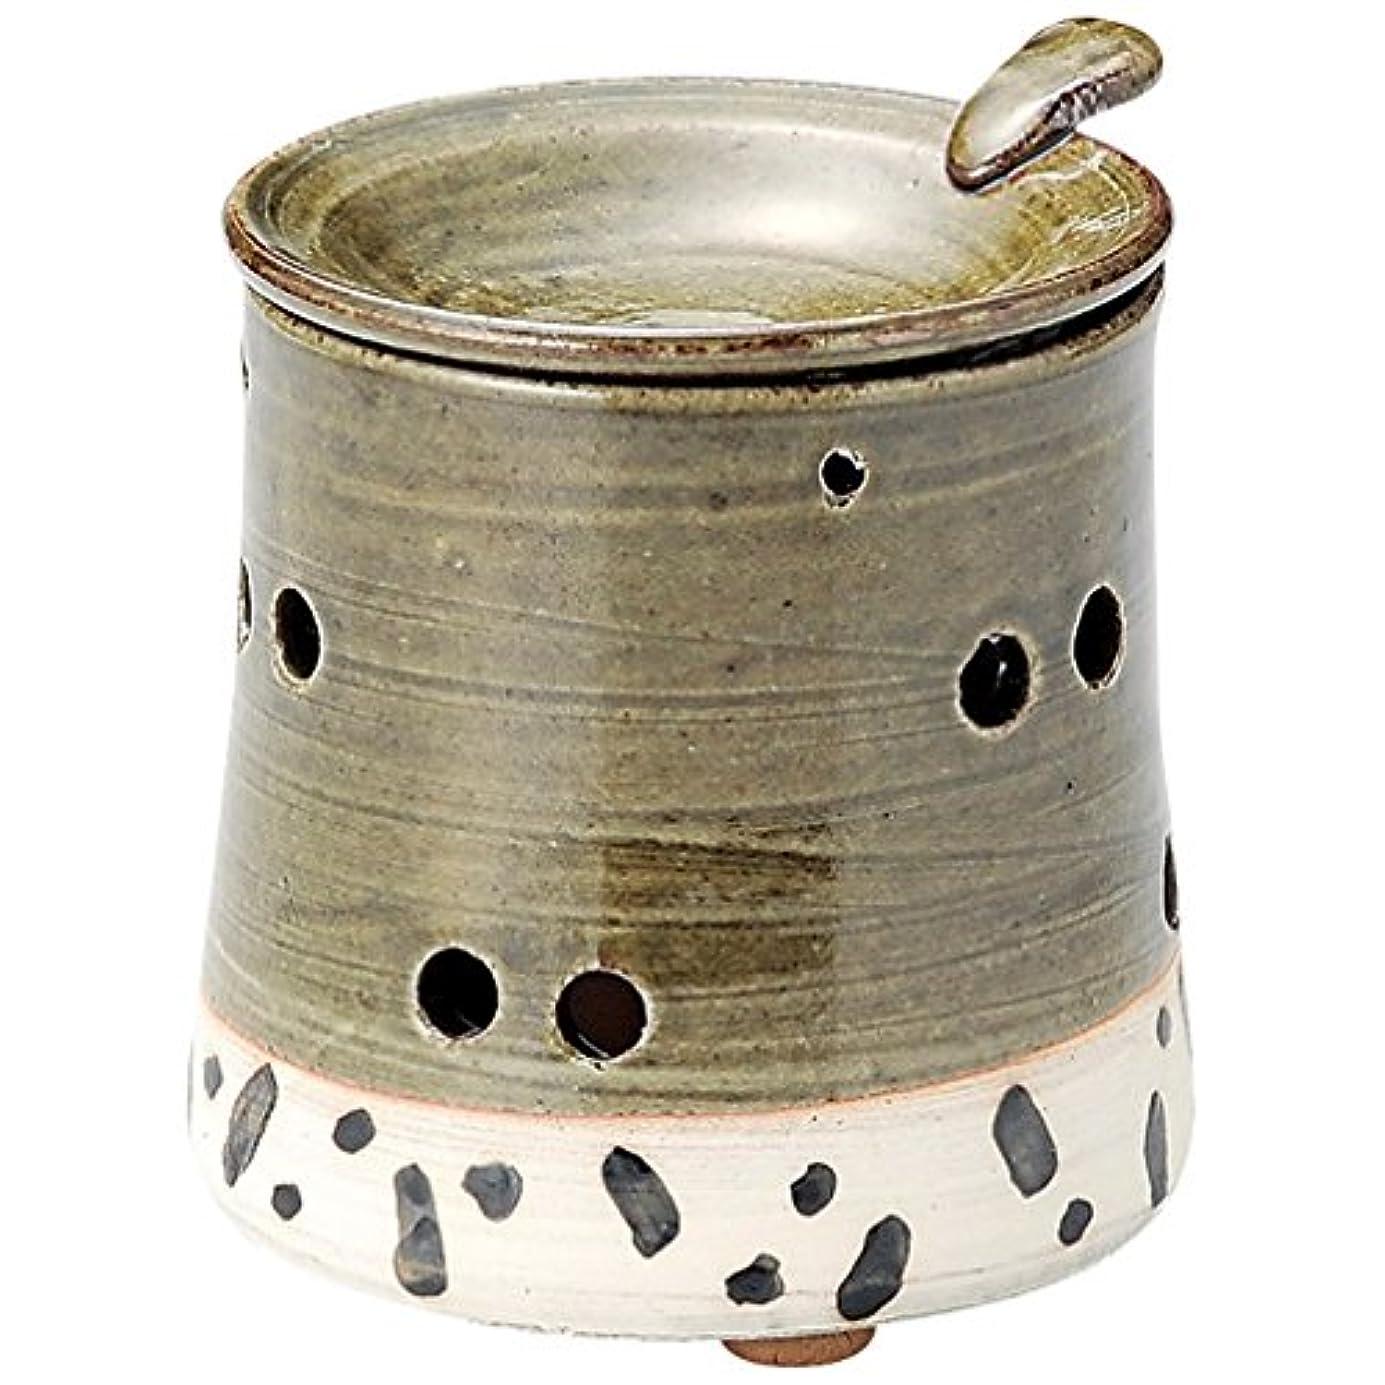 勤勉な宿命エネルギー山下工芸 常滑焼 山田織部釉茶香炉 10×9.5×9.5cm 13045680